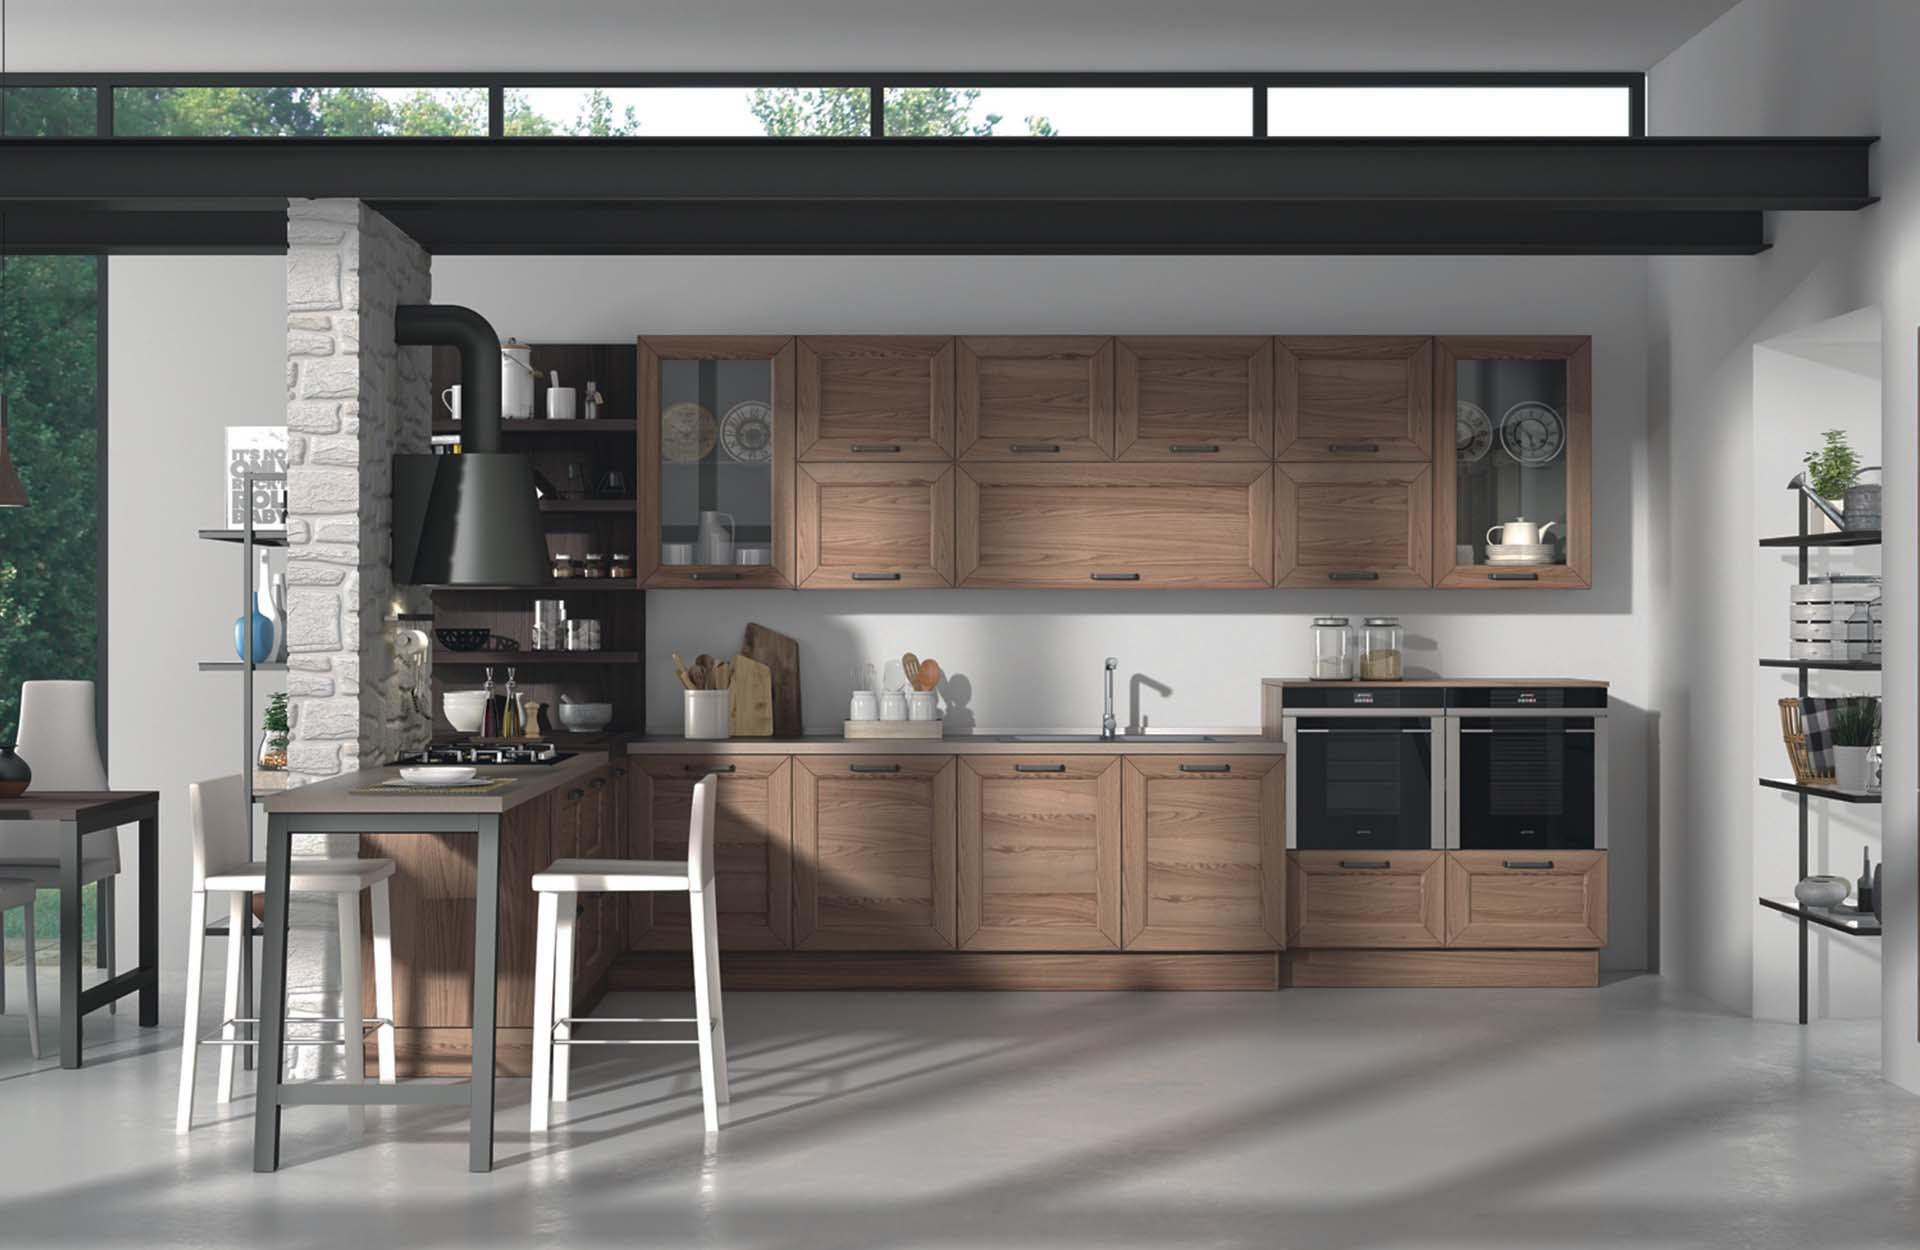 Arredo Legno Cucine | Cucina Costruita In Legno Di Rovere Su Misura ...